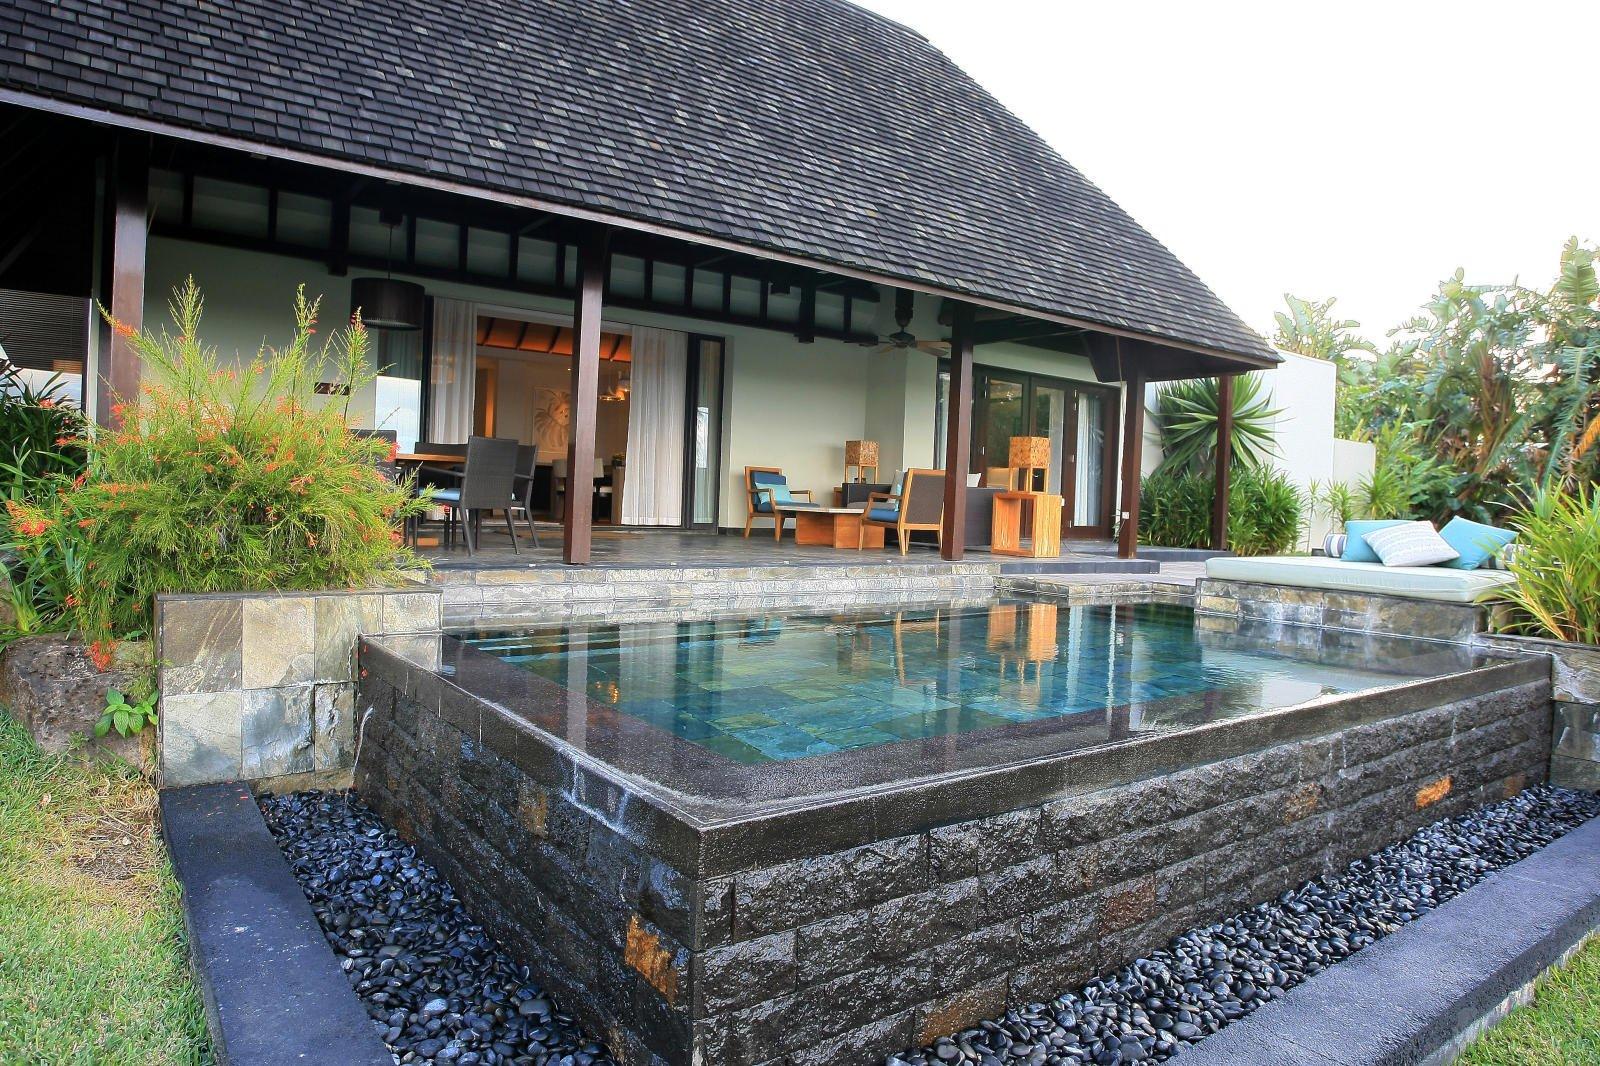 Villa in Bel Air, Flacq District, Mauritius 1